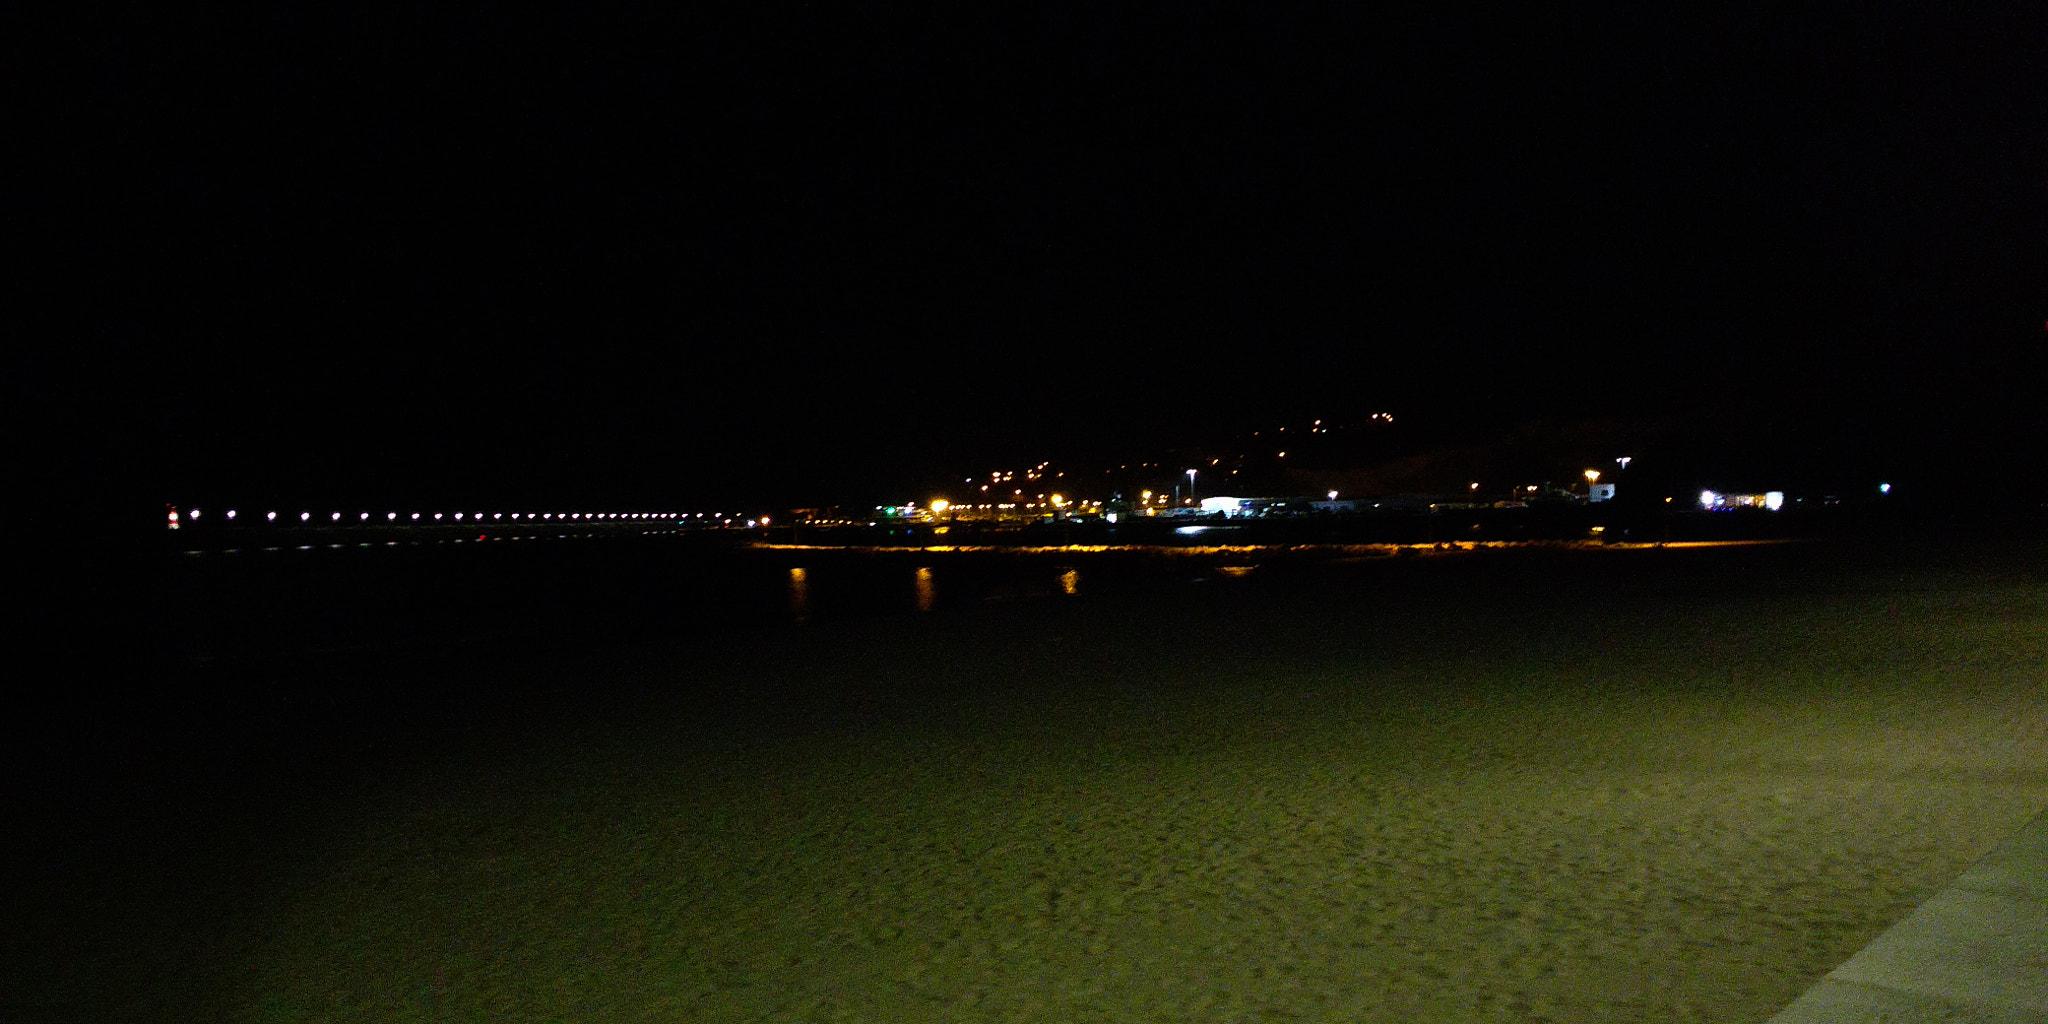 File:Beach At Night (223965751).jpeg - Wikimedia Commons